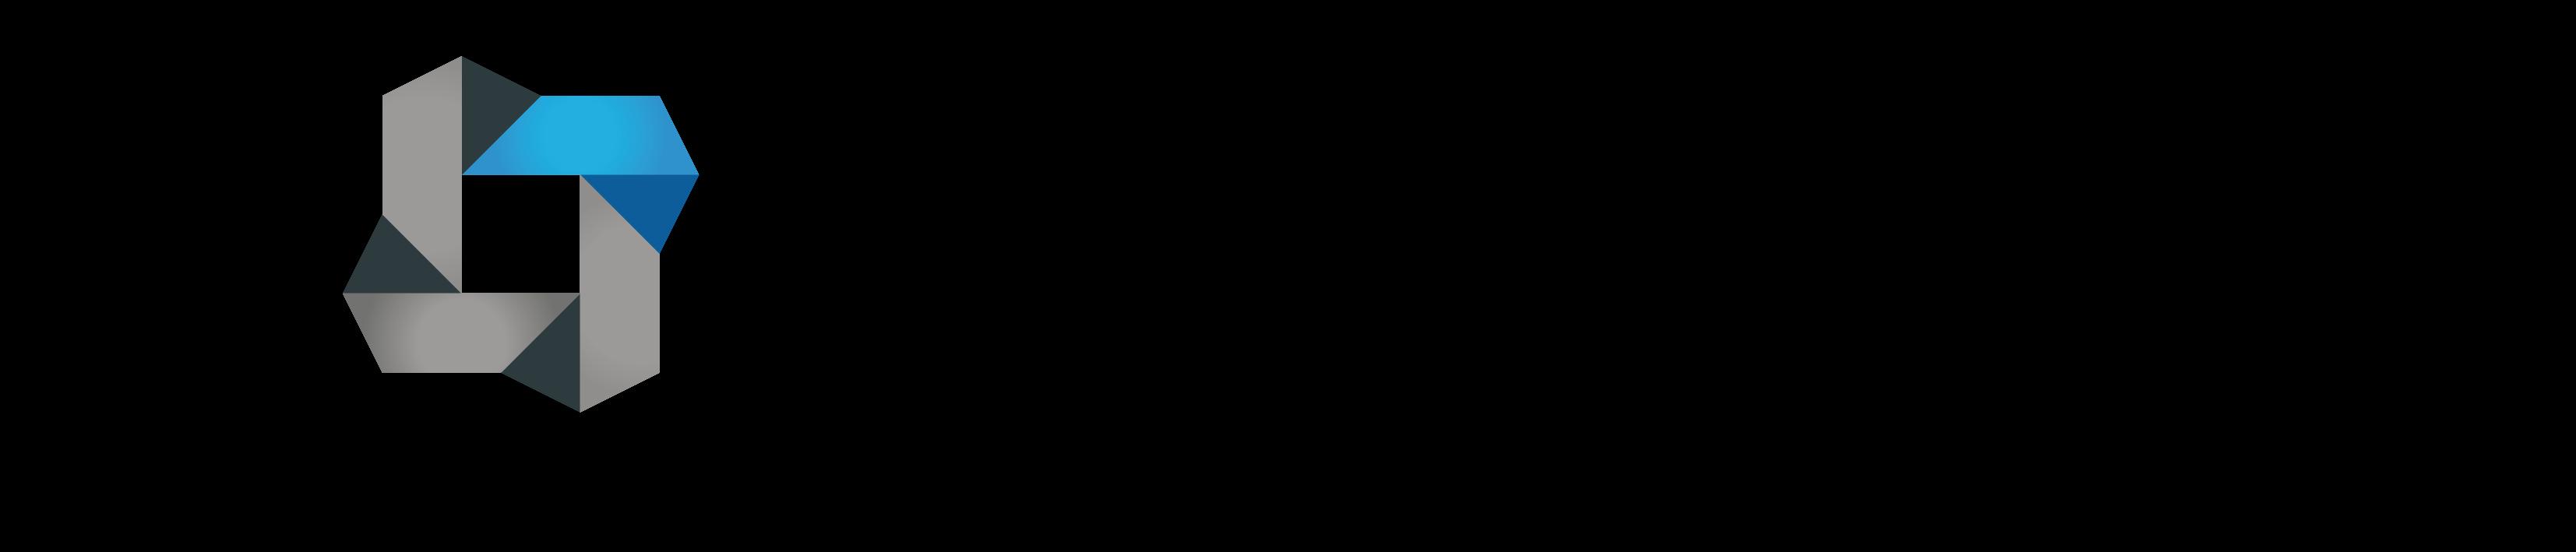 Bid Solutions Partner Logo